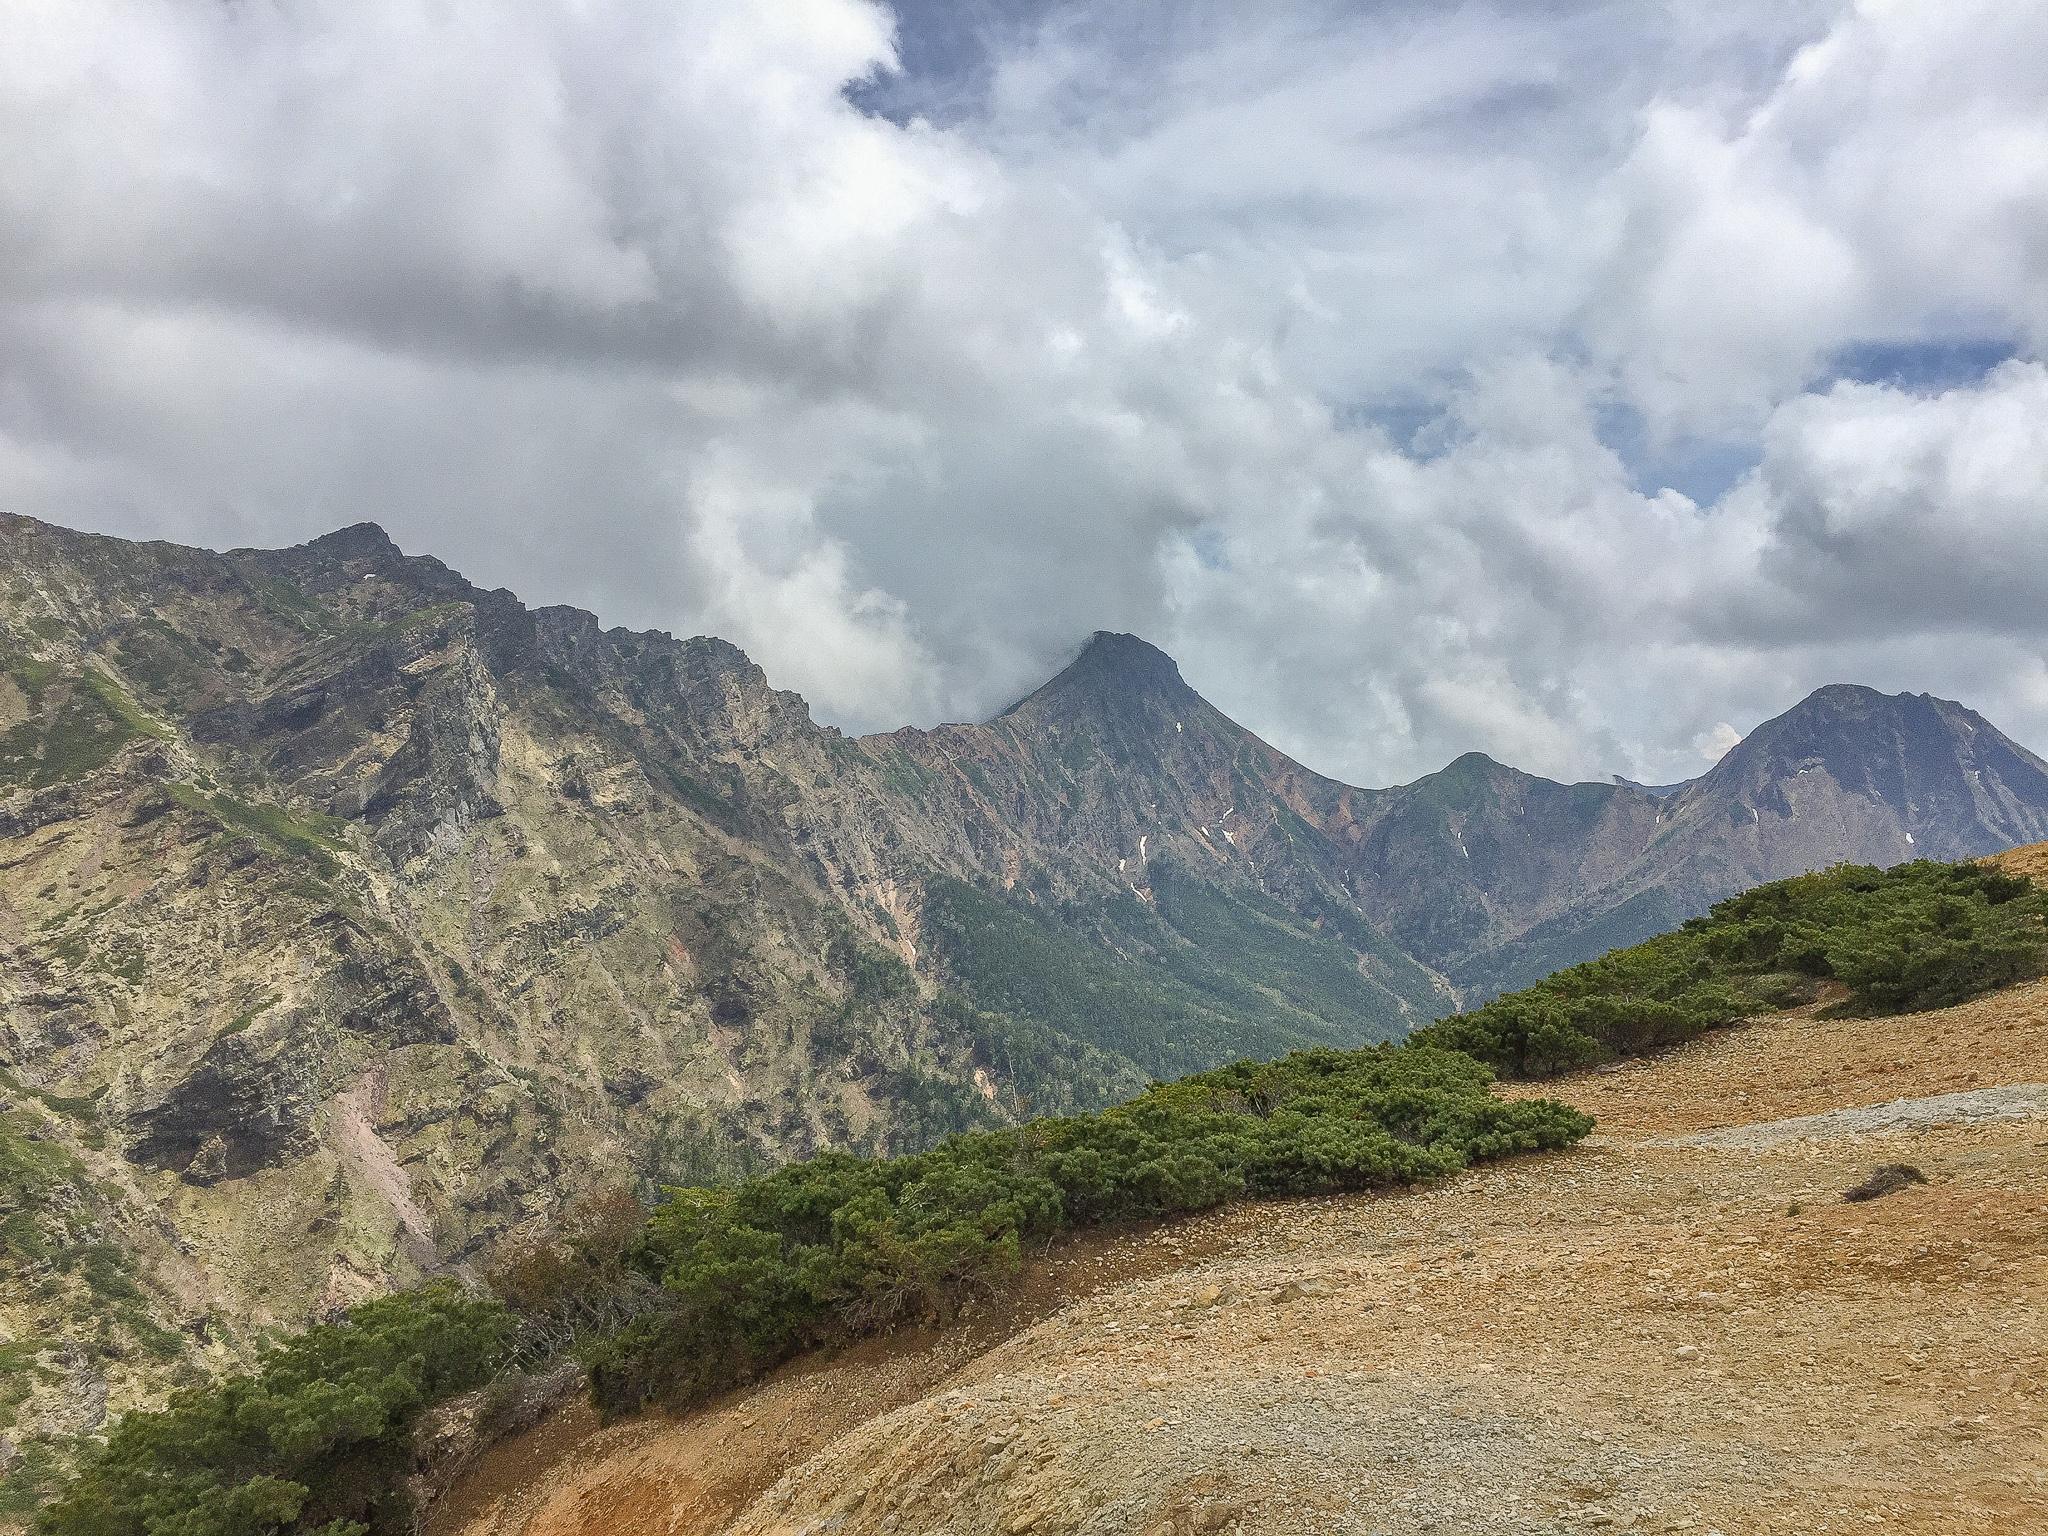 八ヶ岳(赤岳・横岳・硫黄岳)・赤岩の頭からの赤岳、中岳、阿弥陀岳